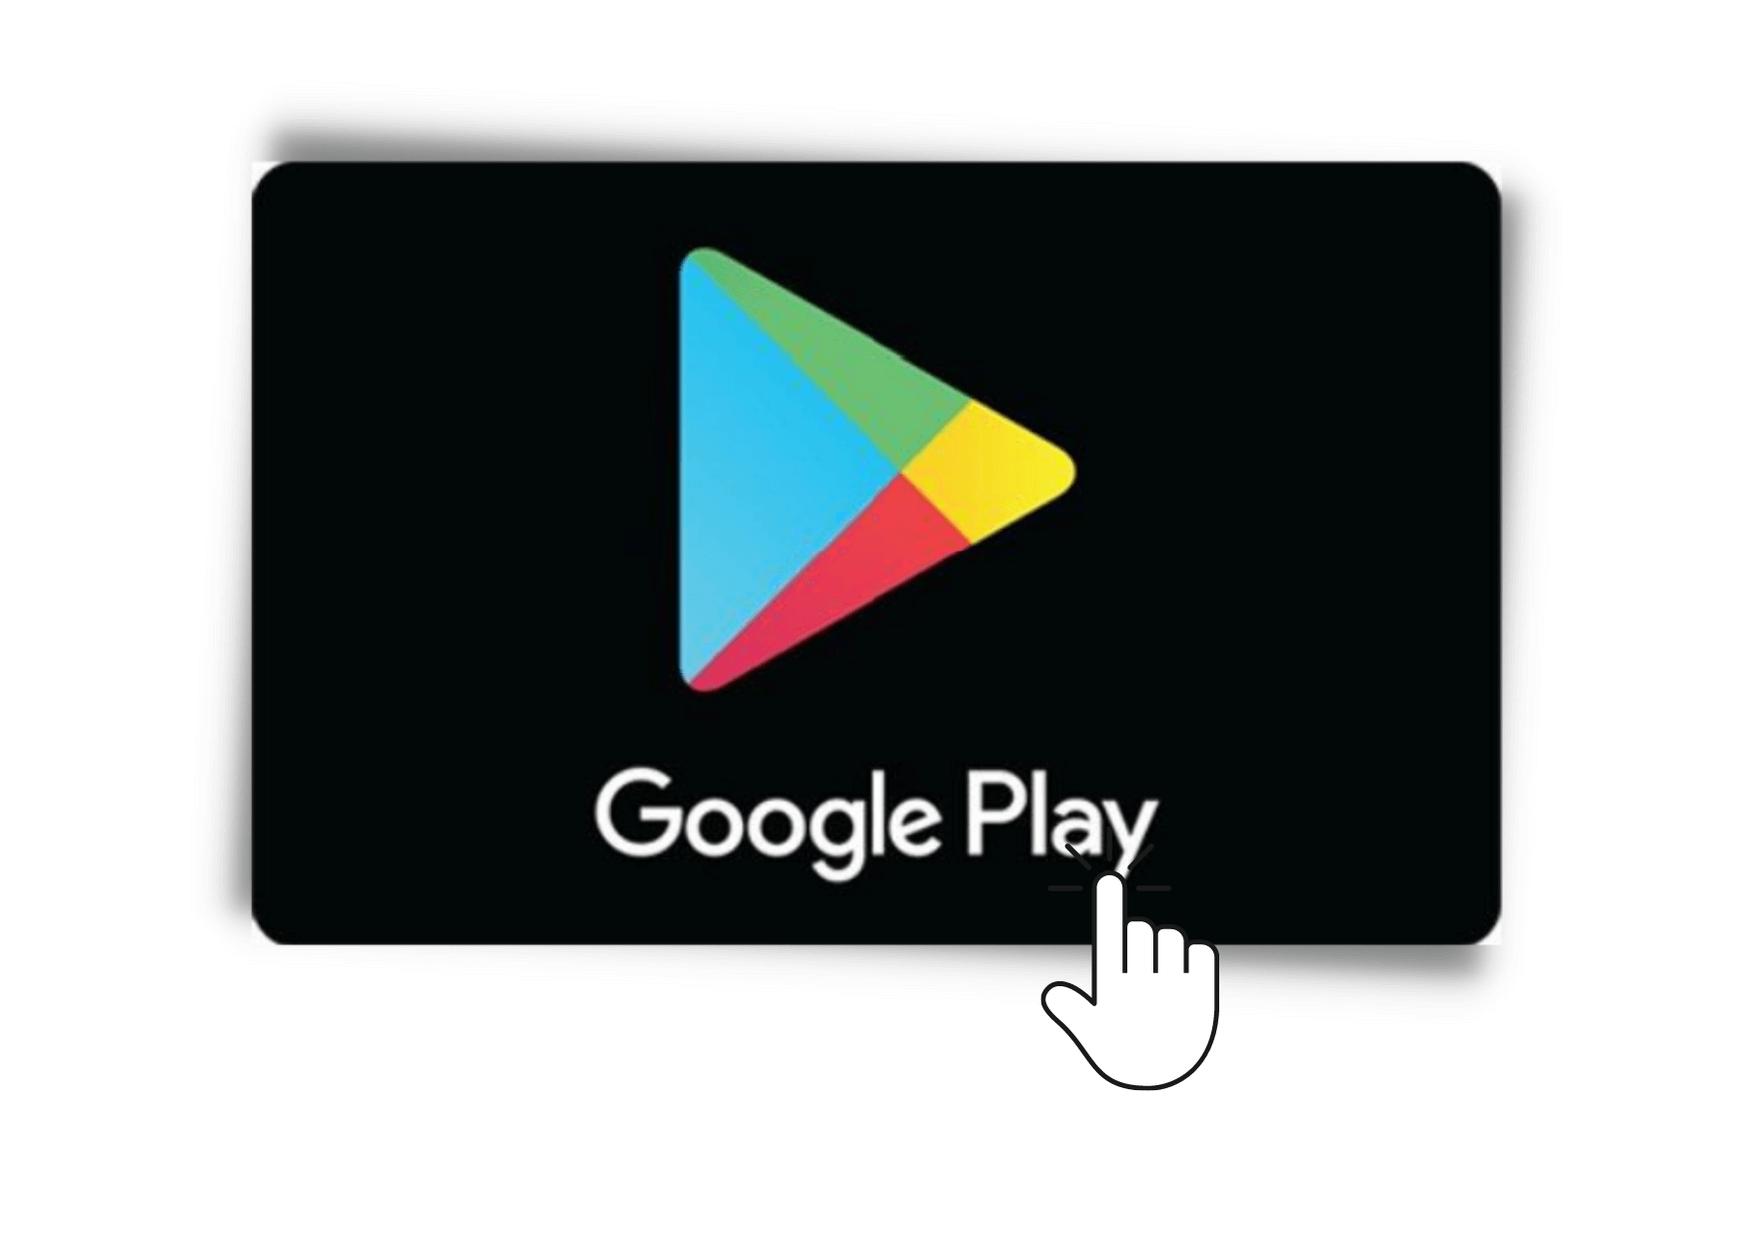 مشاهده محصولات گوگل پلی